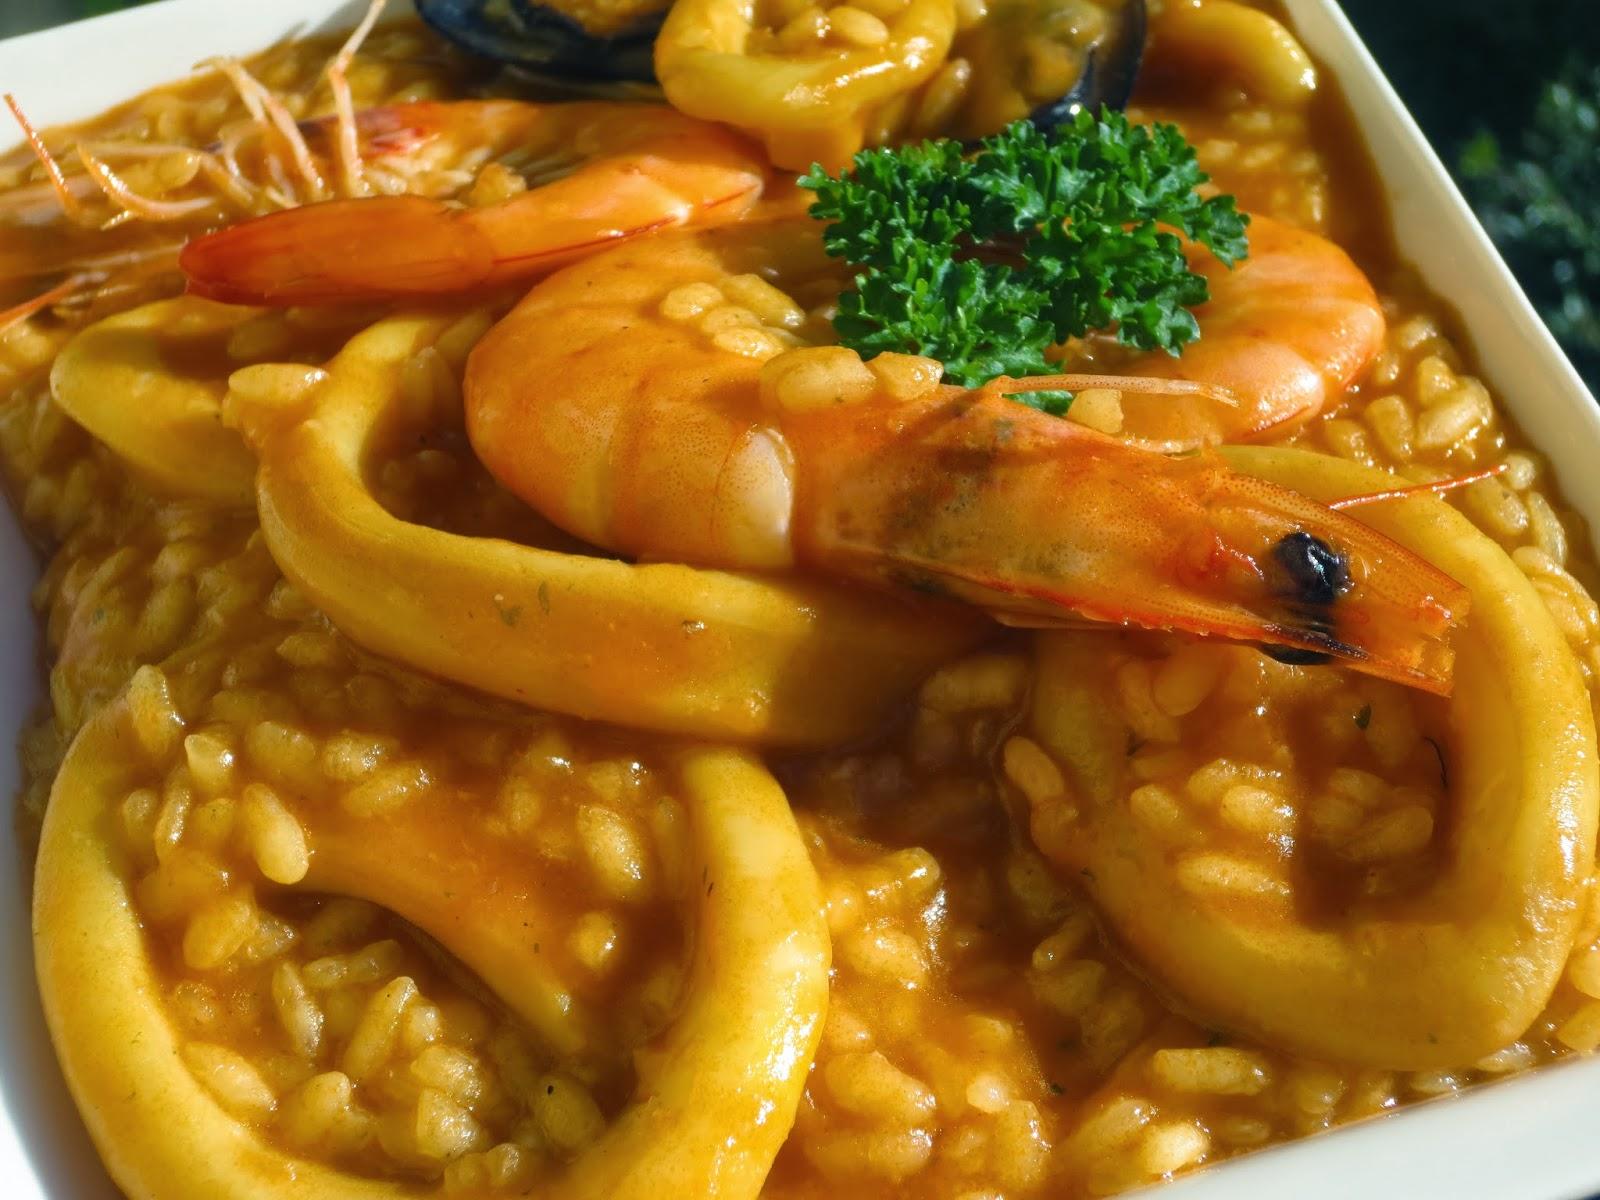 Arroz caldoso con calamares Tradicional - Juani de Ana Sevilla | Recetas  Thermomix | Olla GM | Mambo